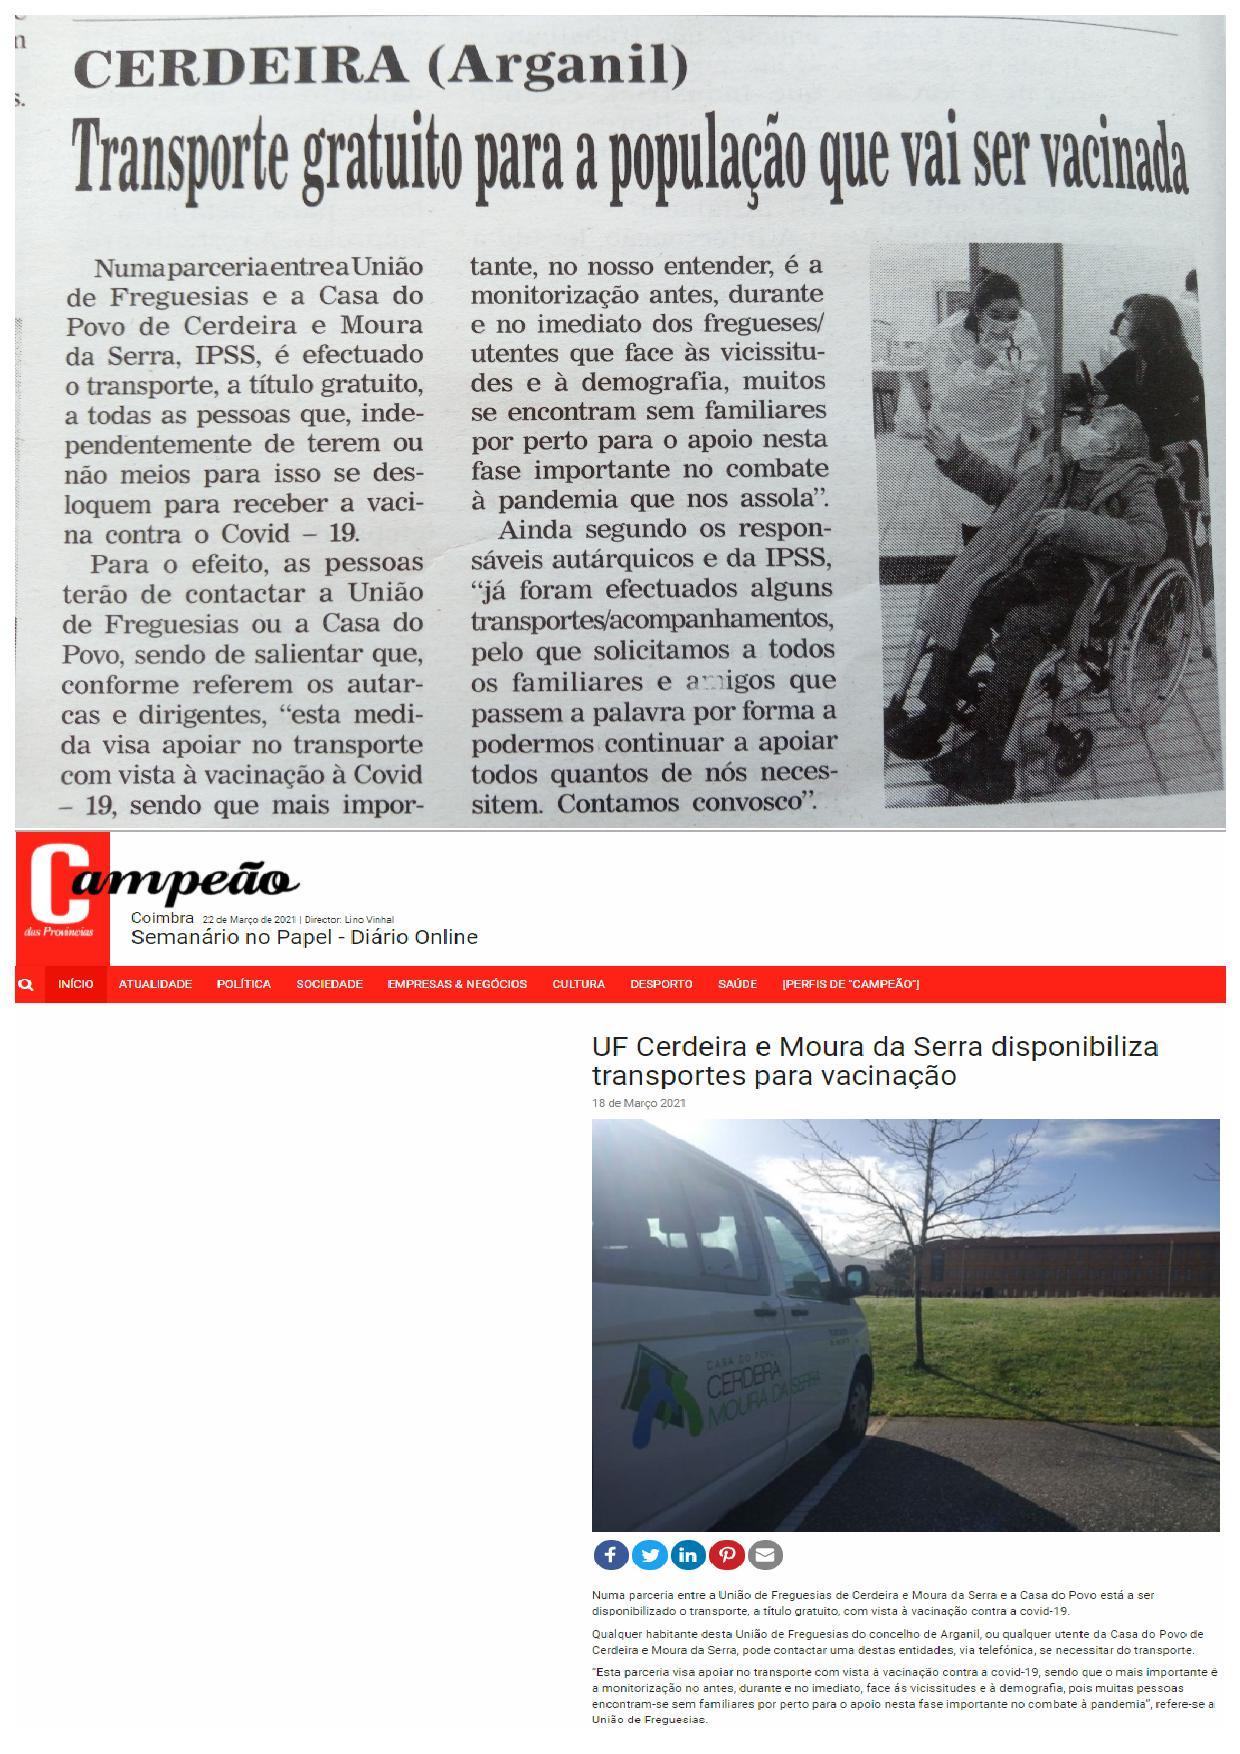 Casa do Povo de Cerdeira e Moura da Serra, I.P.S.S. – Parceria com a U. Freguesias de Cerdeira e Moura da Serra foi Notícia na Imprensa Regional